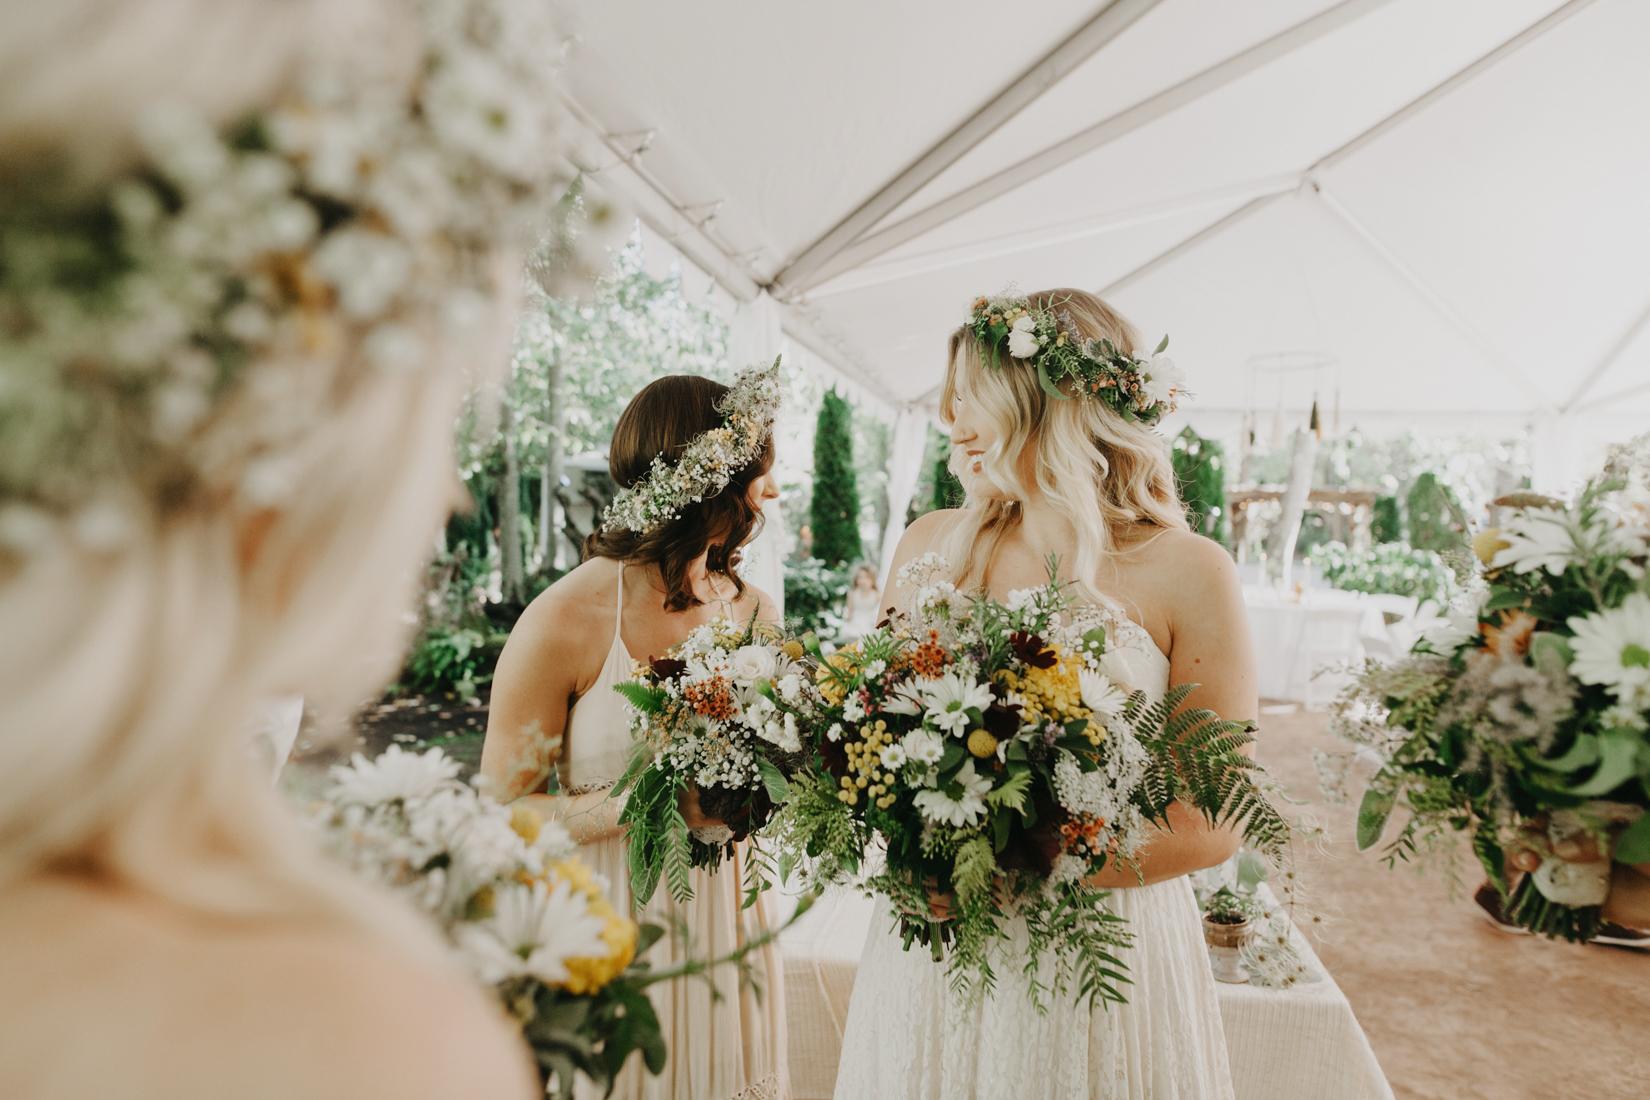 Loonie wedding